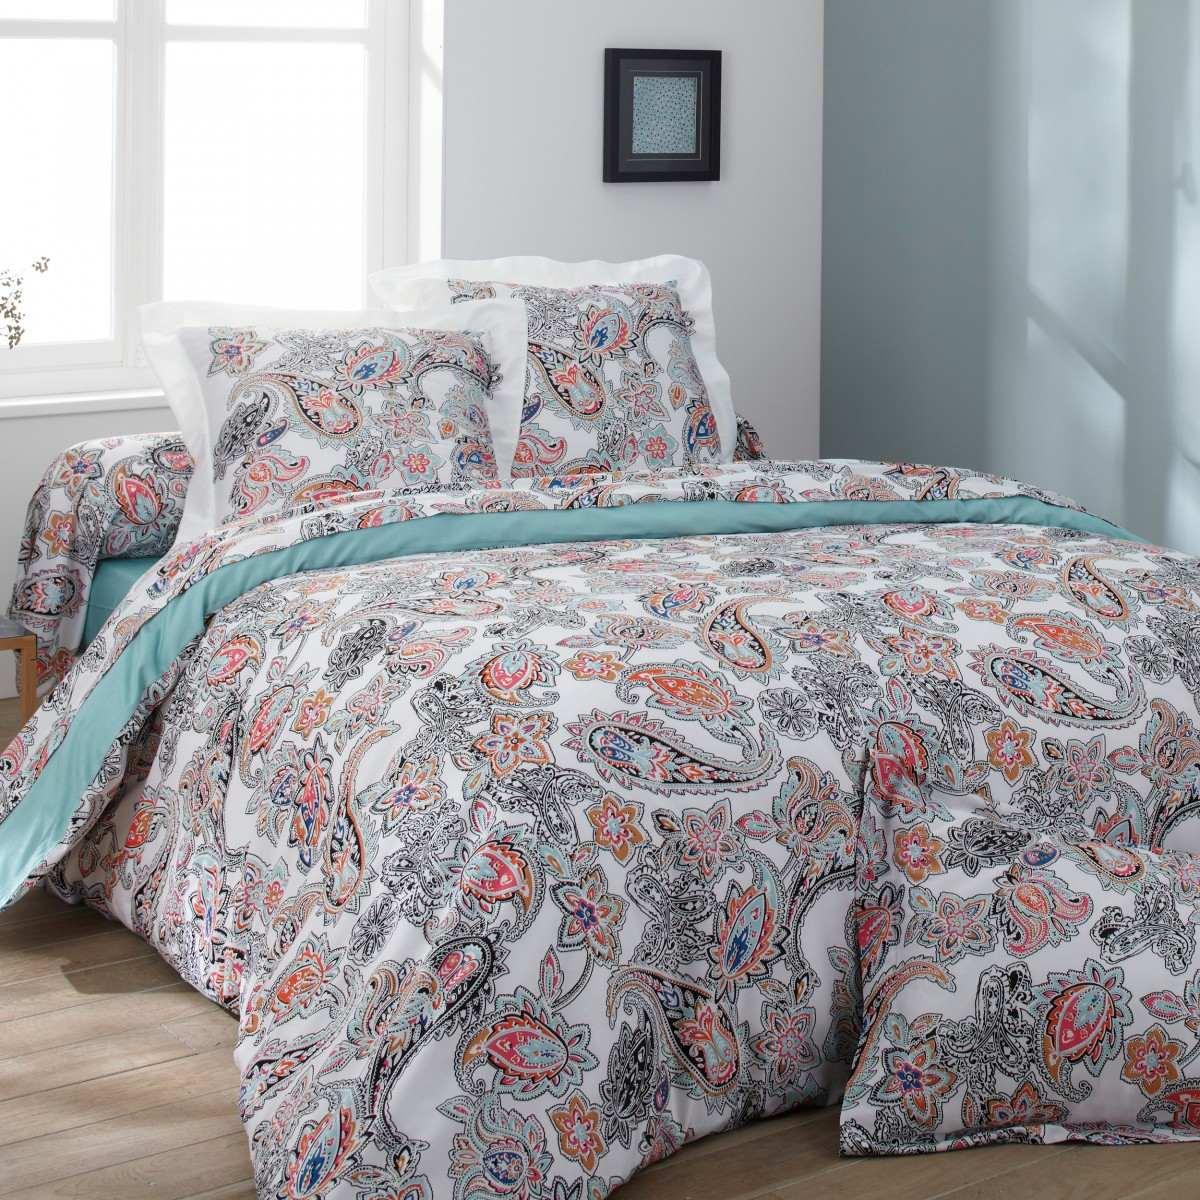 parure drap taj mahal linge de lit de qualit tradition des vosges. Black Bedroom Furniture Sets. Home Design Ideas